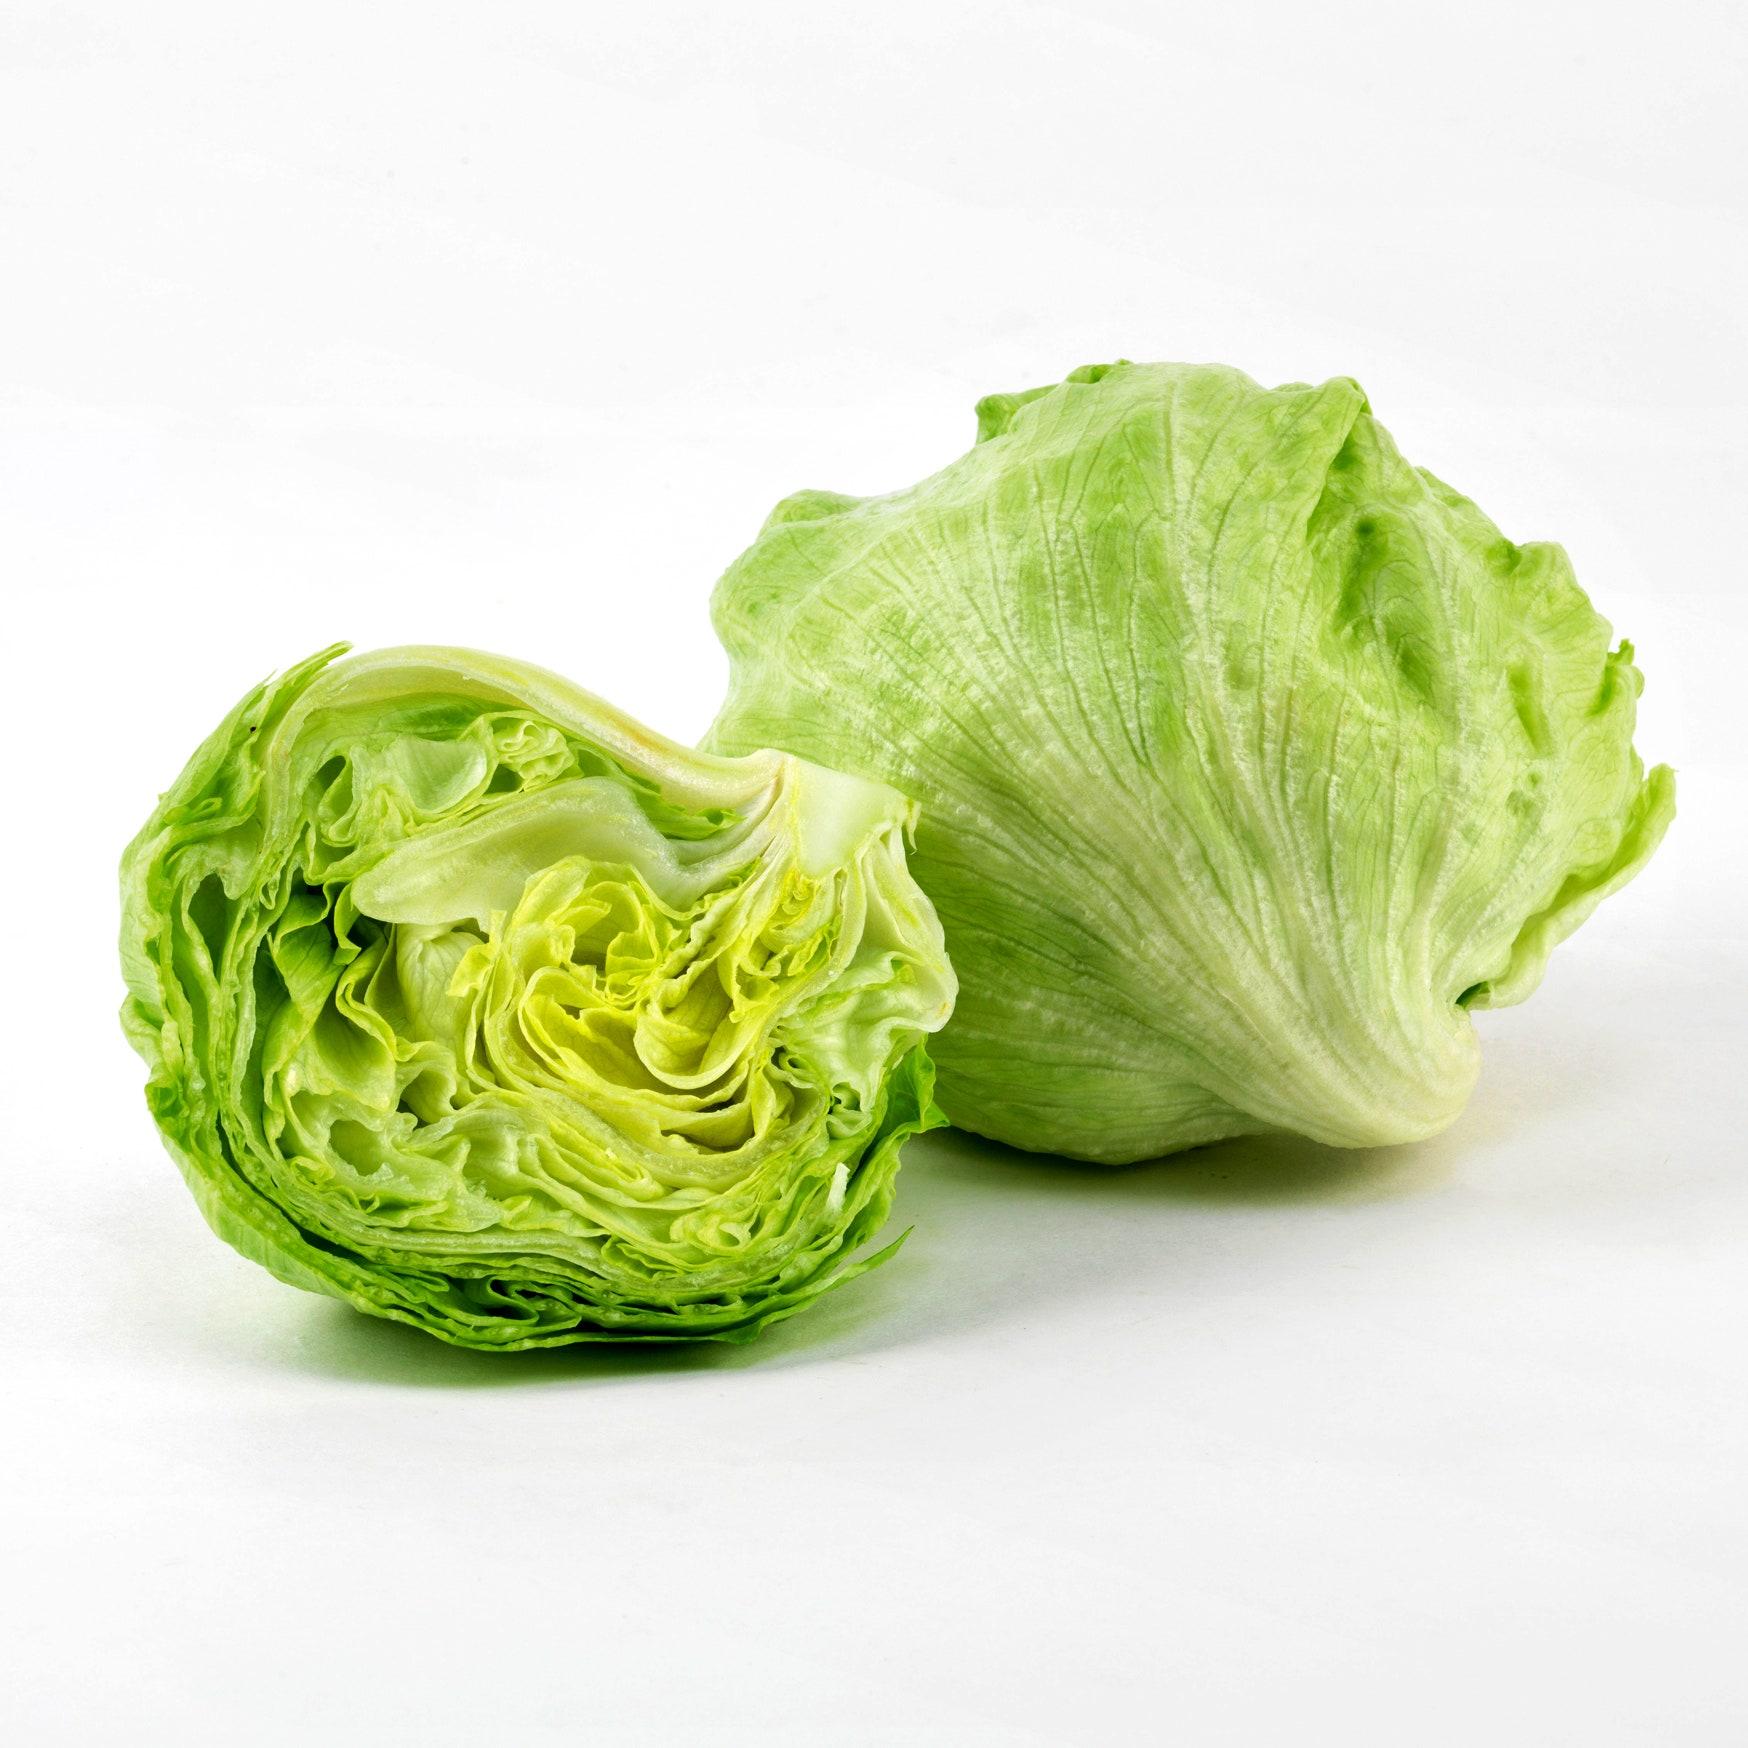 Lettuce 1 kg